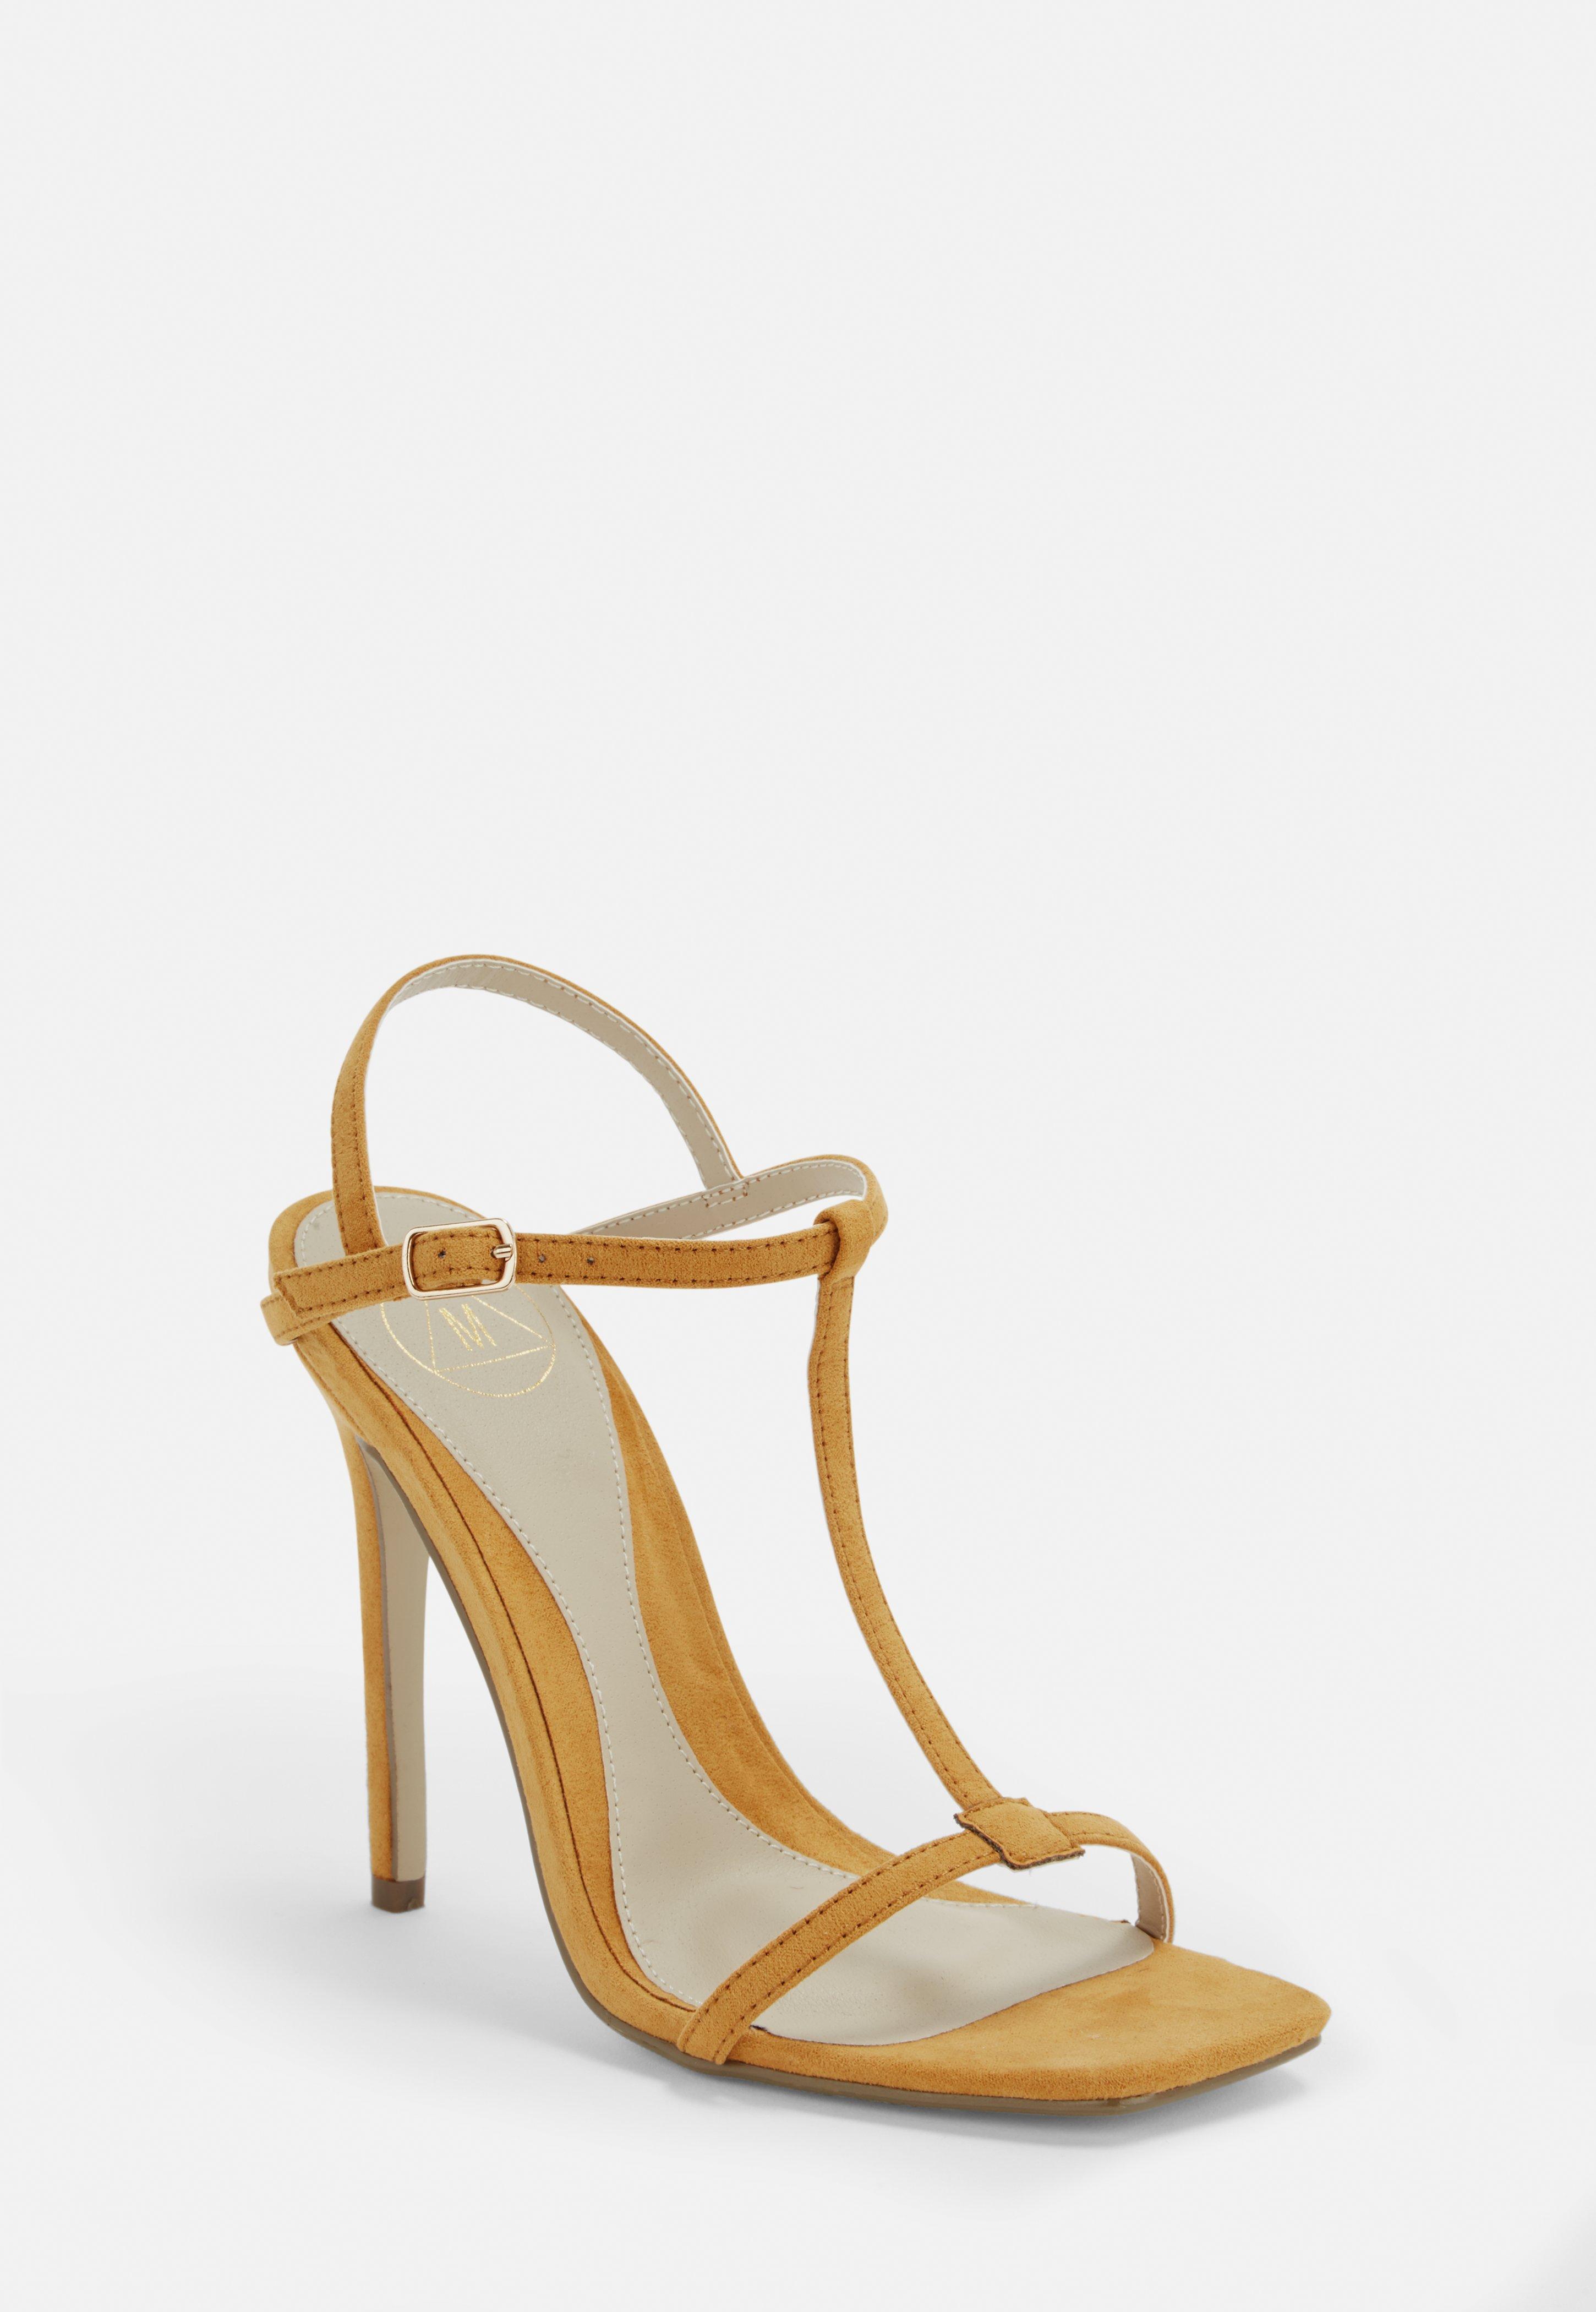 8103ad6b0f2 High Heels - Shop Women s Stilettos Online